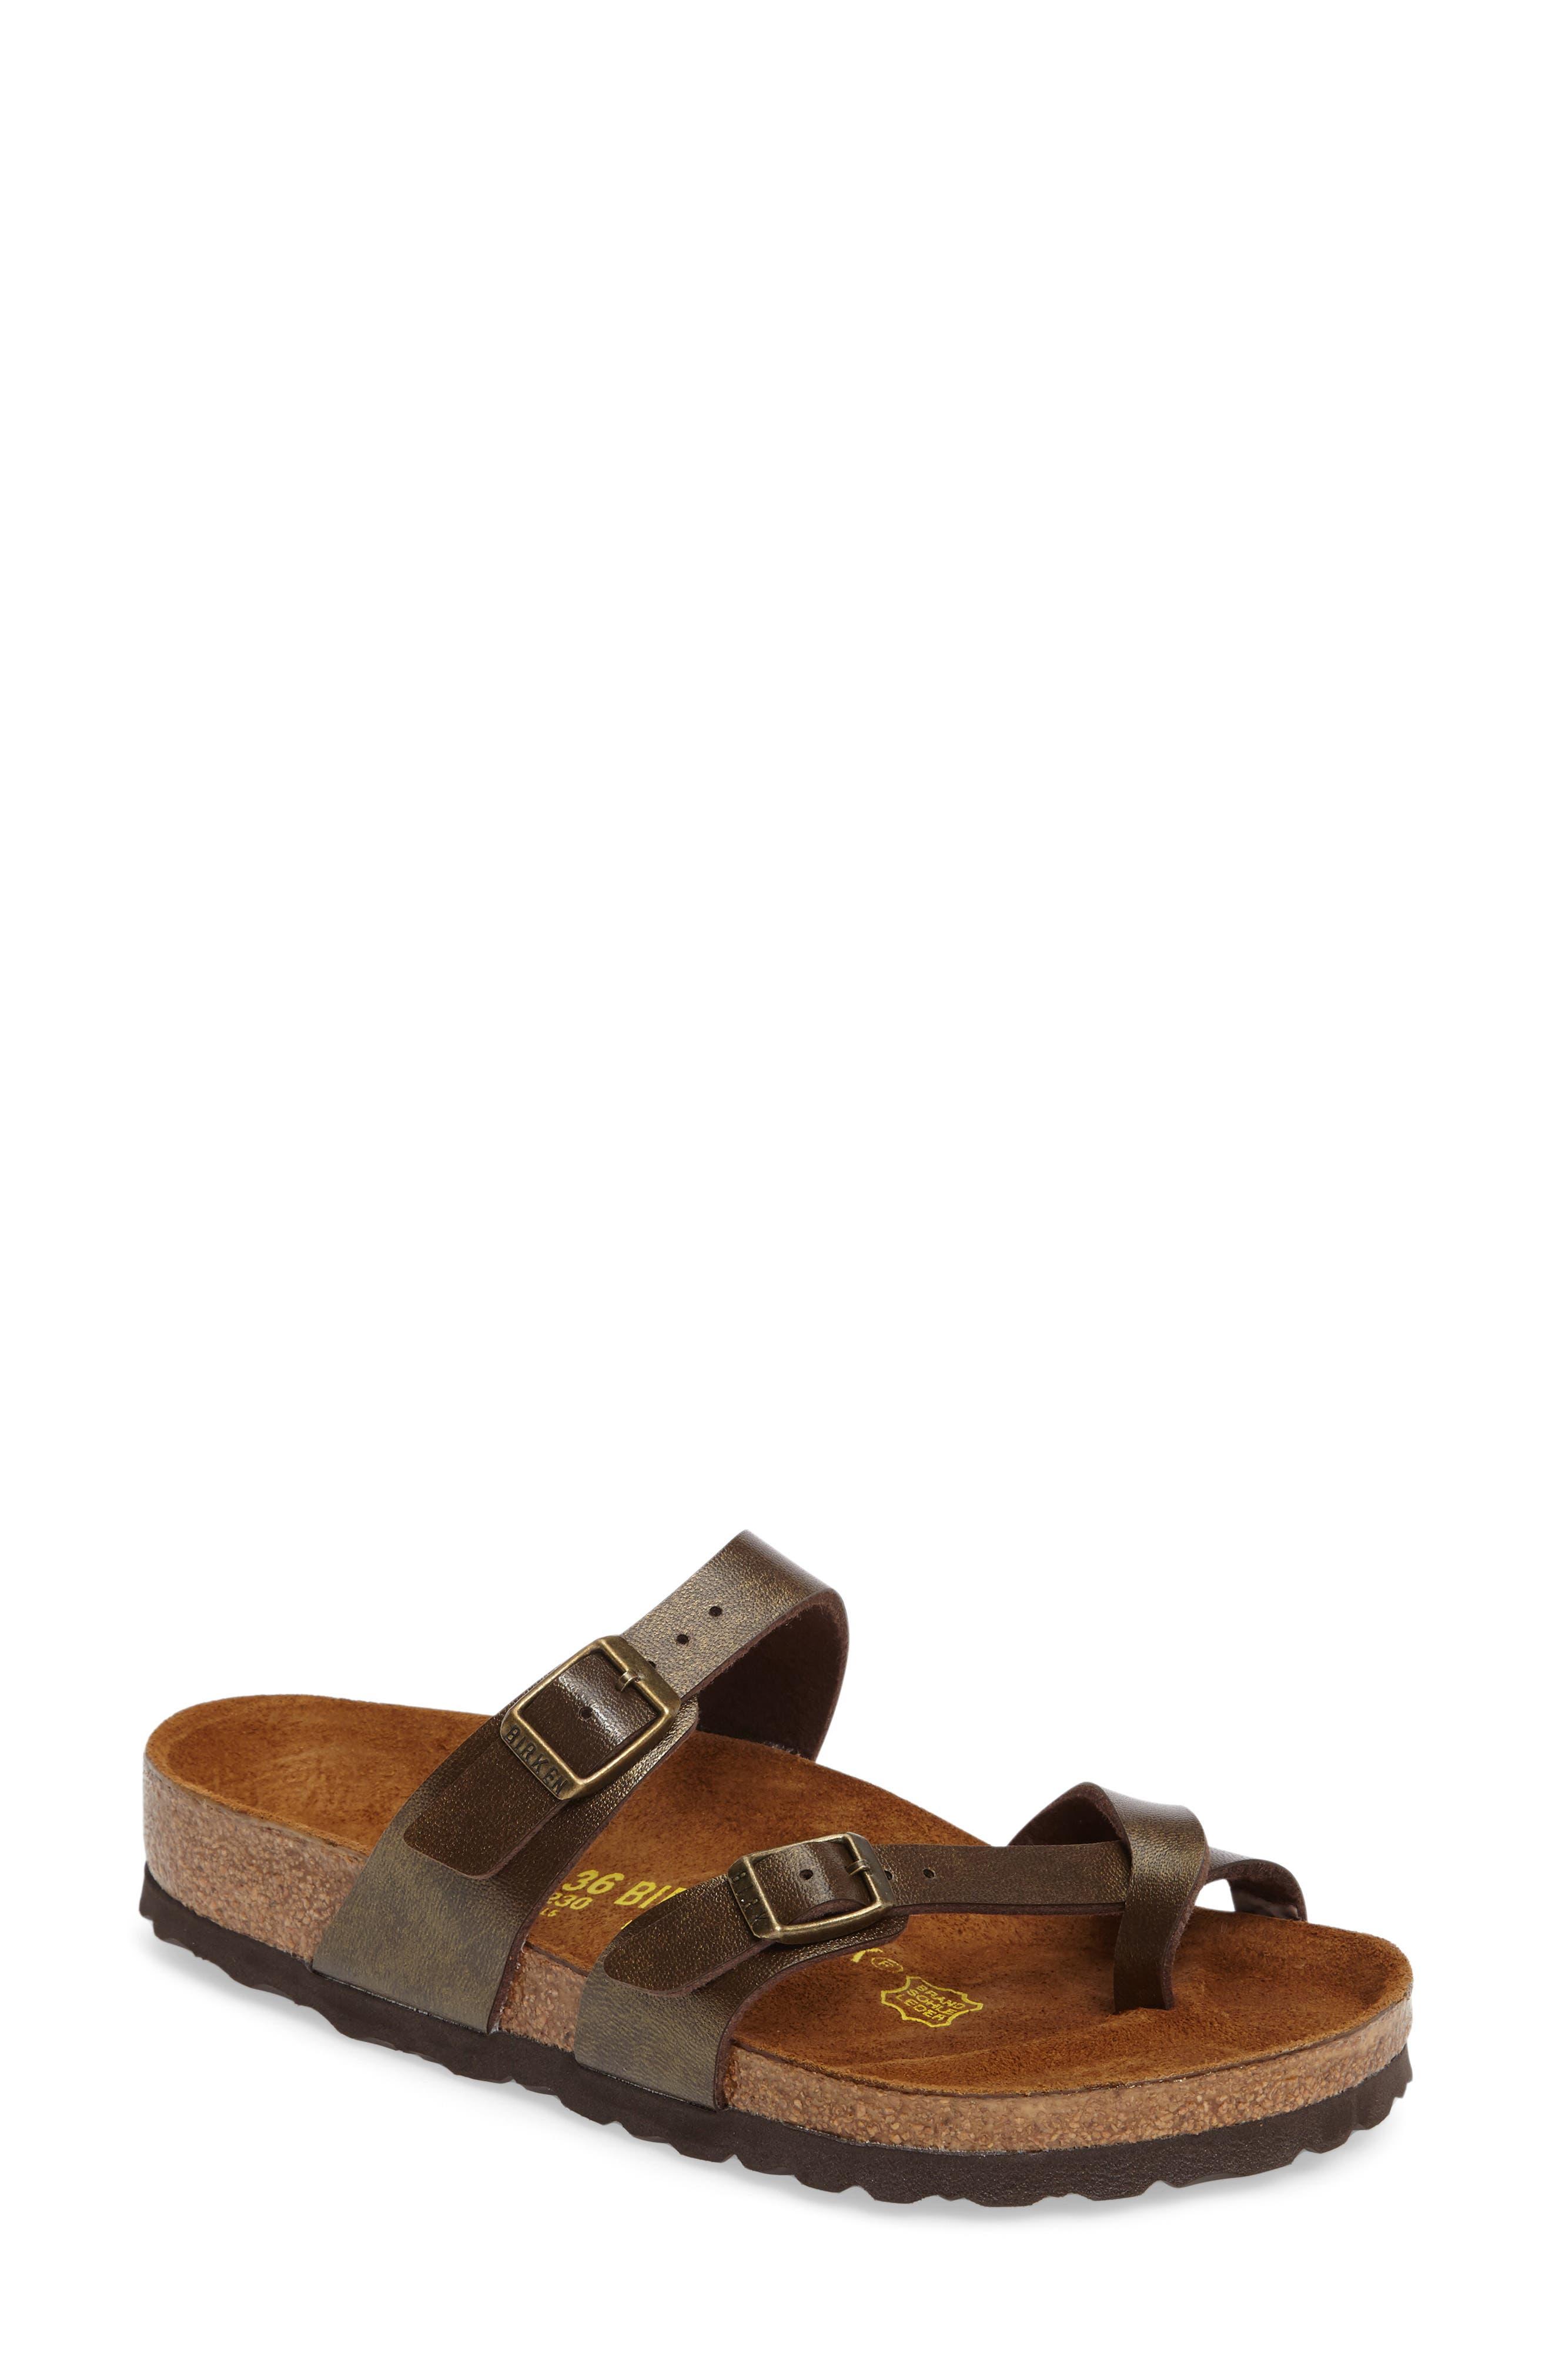 827201105263b7 Birkenstock  Mayari  Birko-Flor(TM) Sandal